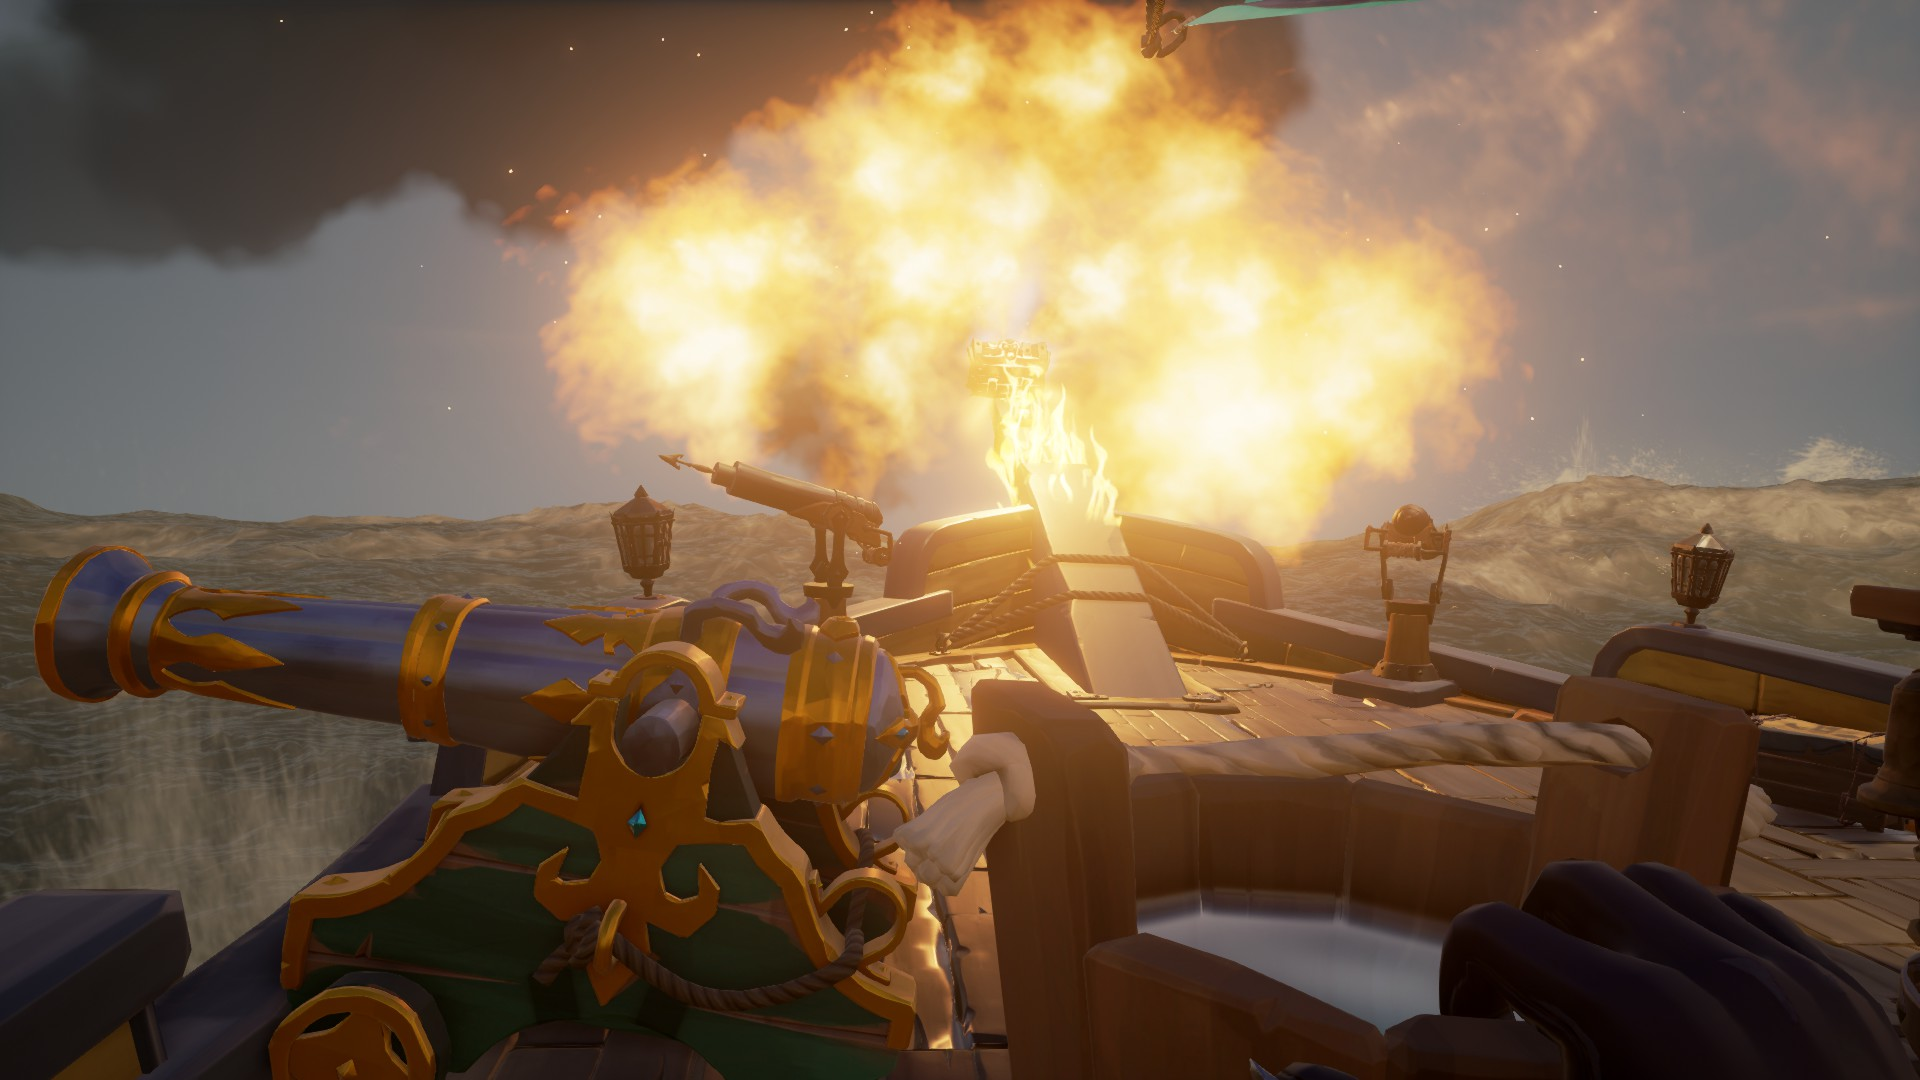 Notre vaisseau est en feu!